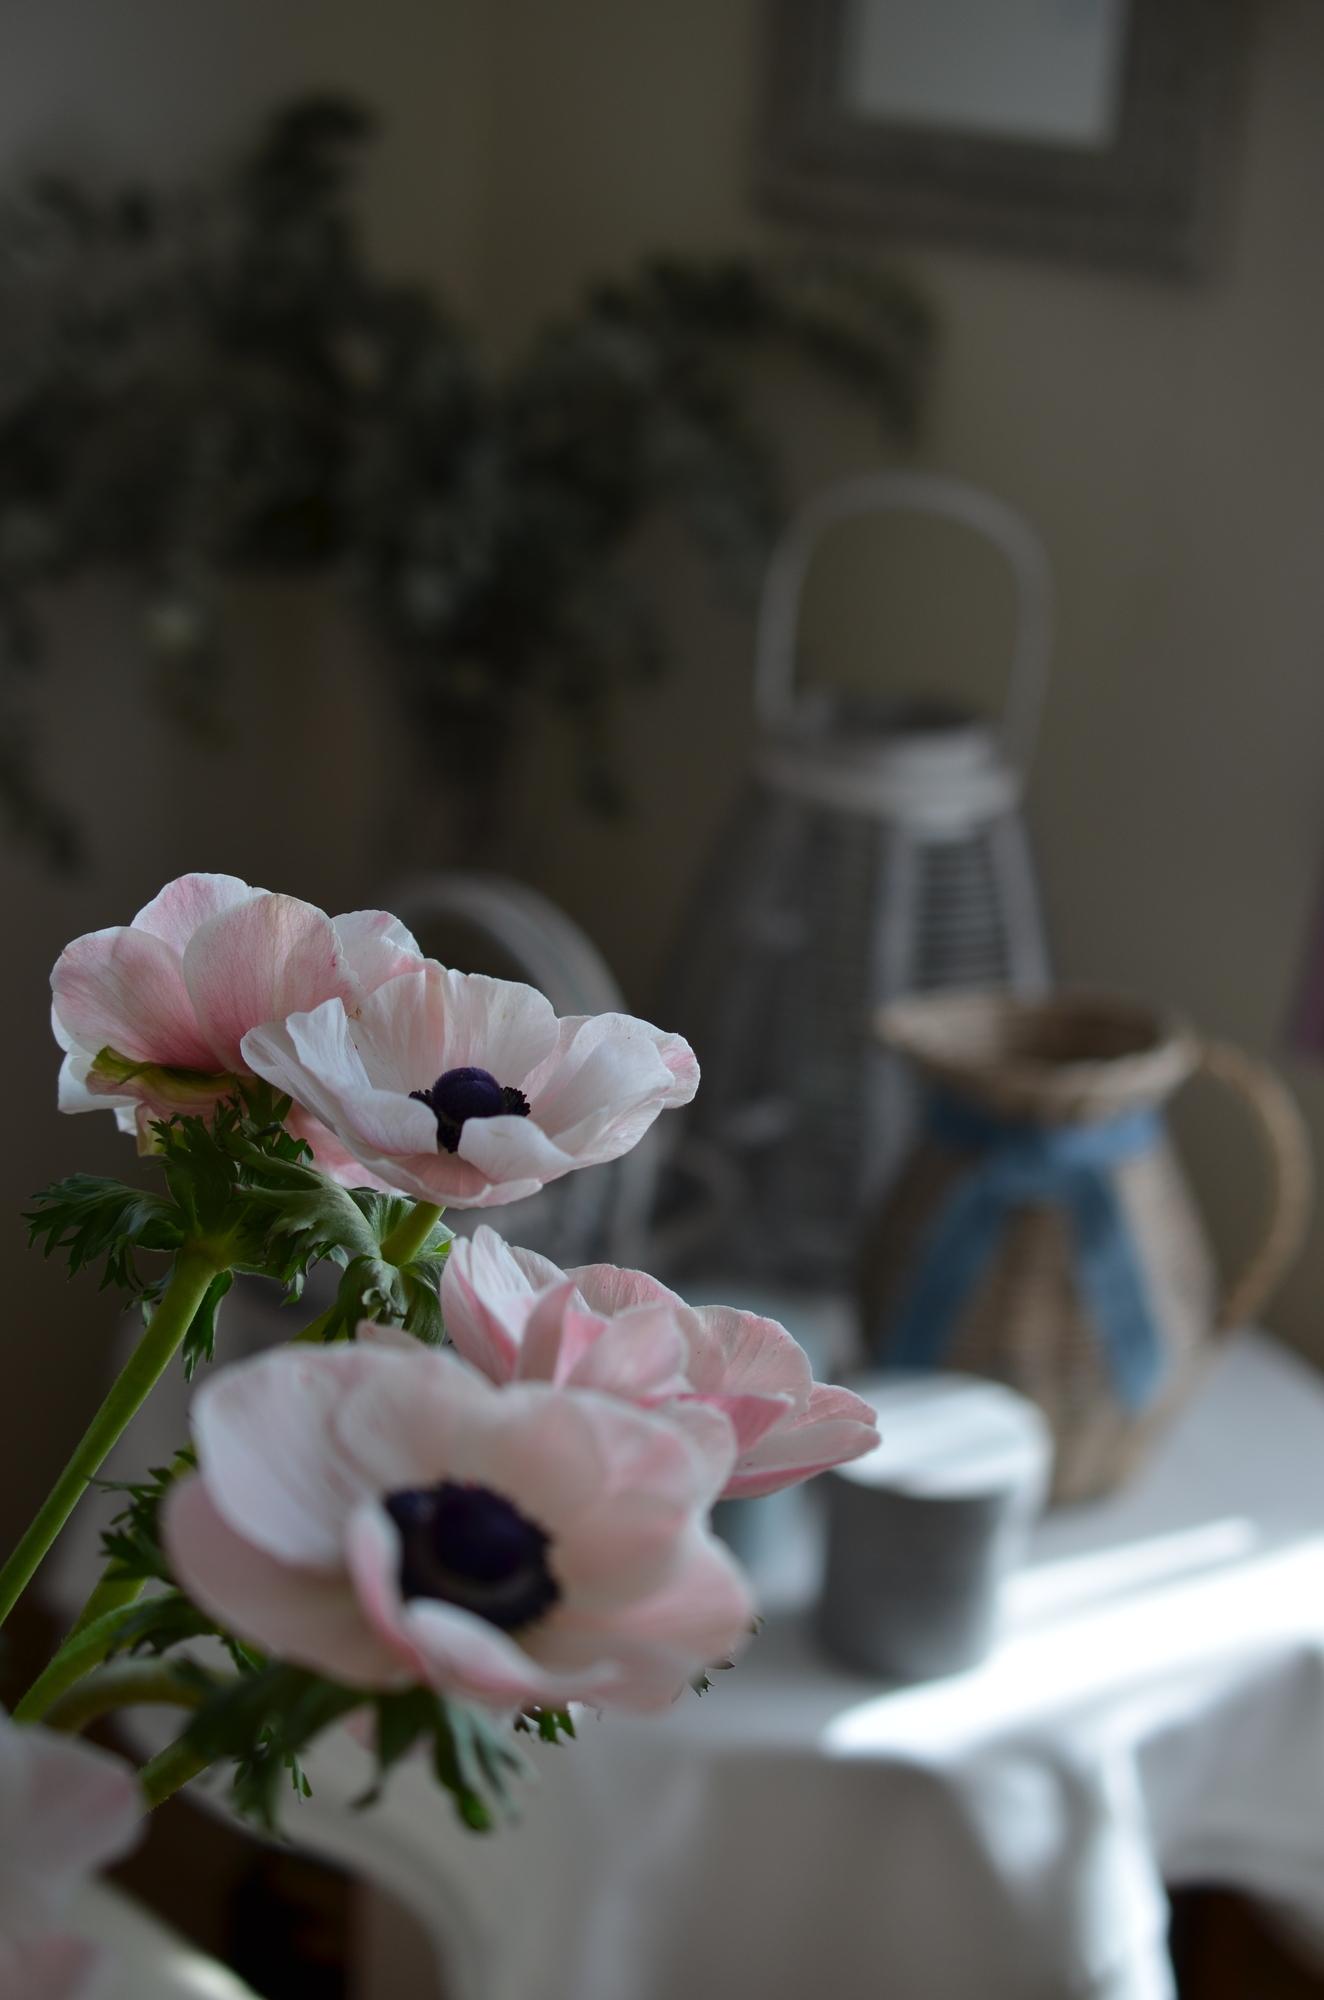 ダイニングテーブルなどの、限られたスペースや空間を華やかに彩りたい時には、色鮮やかな花びらが特徴的な、アネモネがおすすめ。